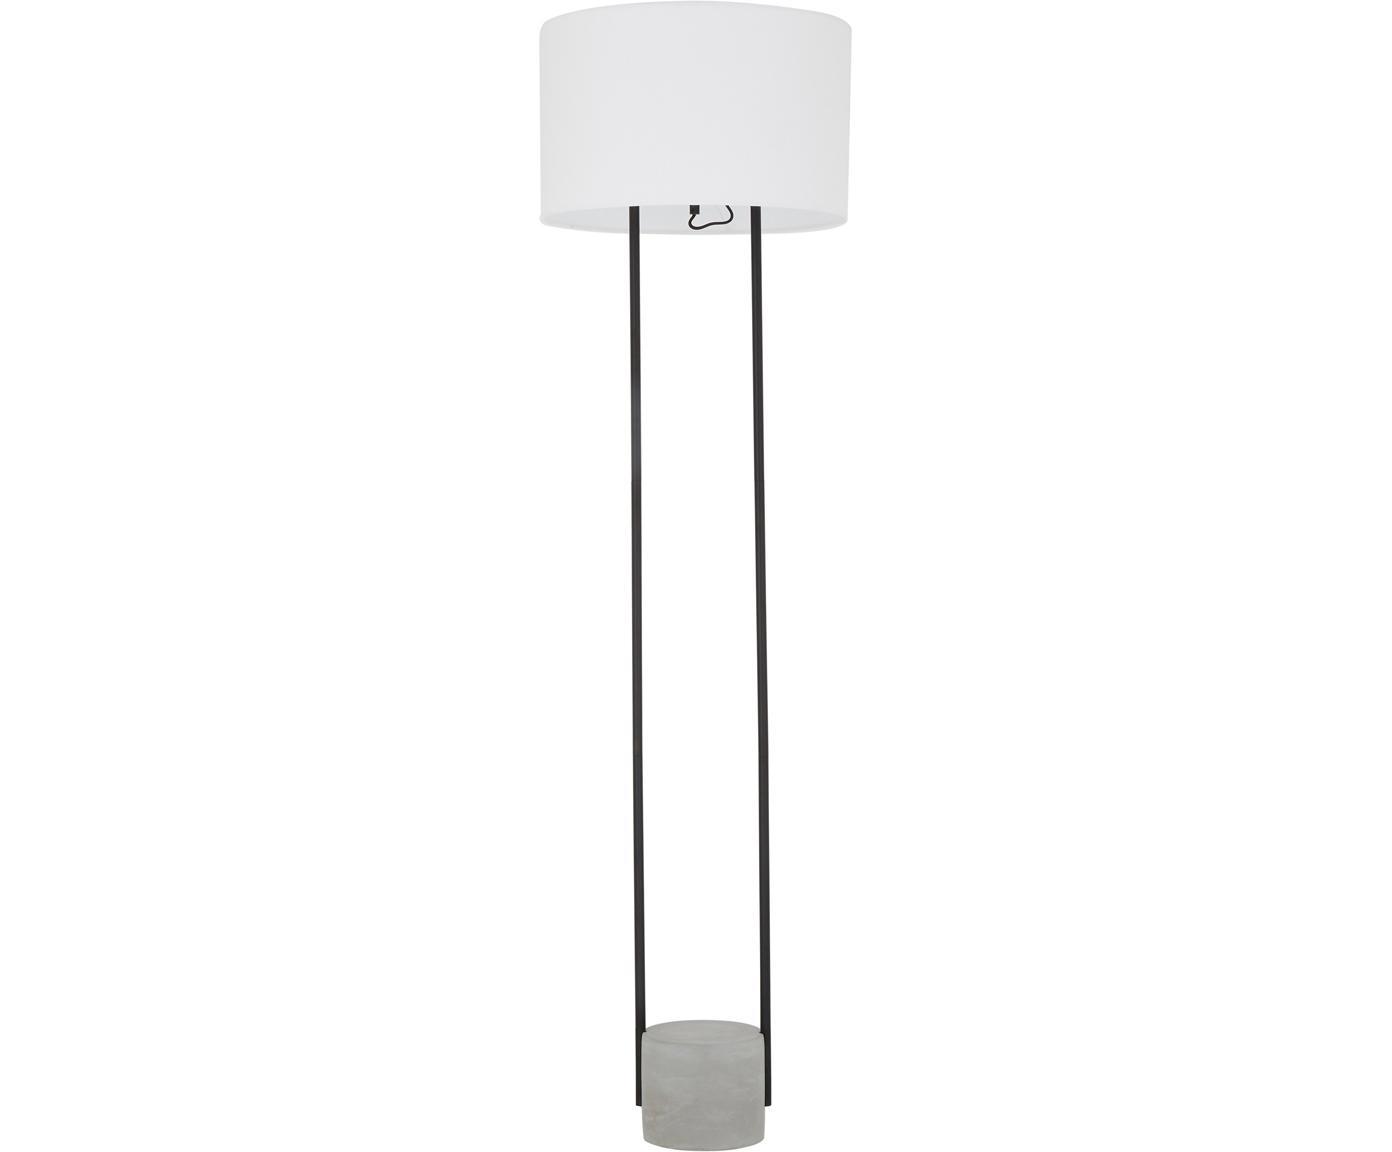 Vloerlamp Pipero met betonnen voet, Lampenkap: textiel, Lampvoet: gepoedercoat metaal, beto, Lampenkap: wit. Lampvoet: mat zwart, grijs. Snoer: zwart, Ø 45 x H 161 cm